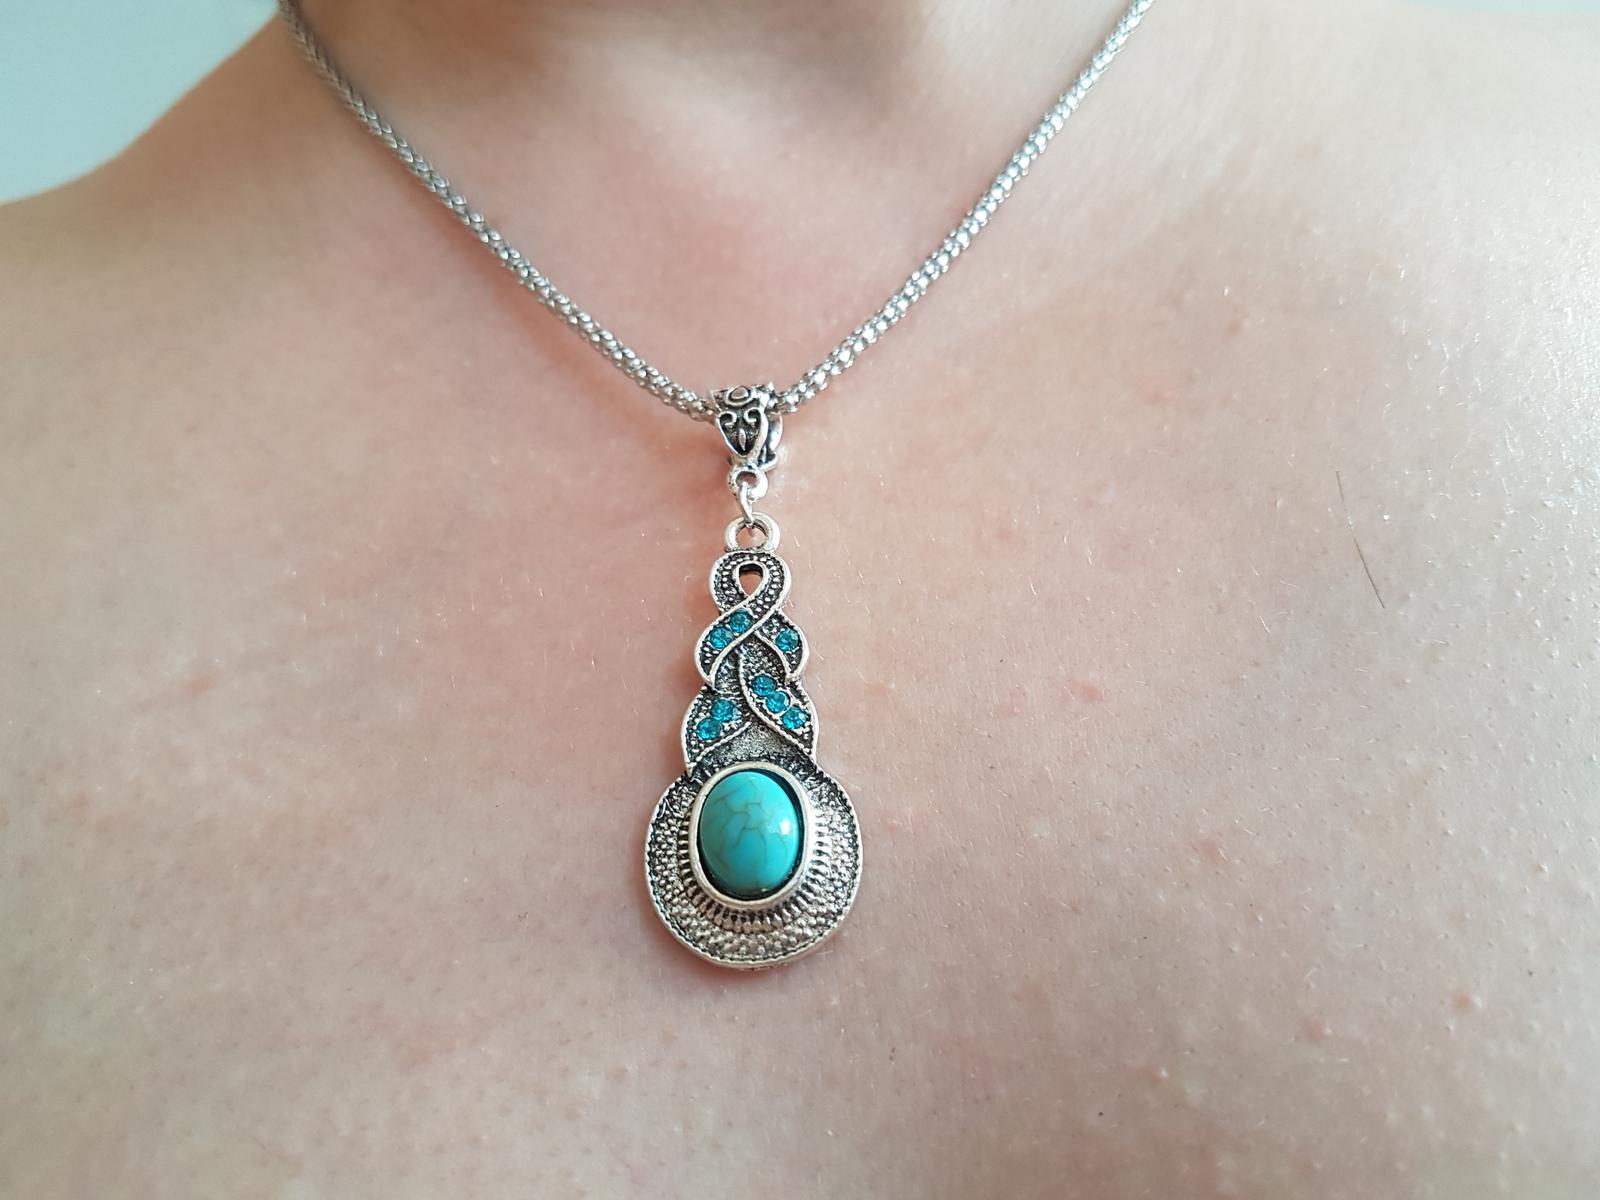 náhrdelník s náušnicami - Obrázok č. 2